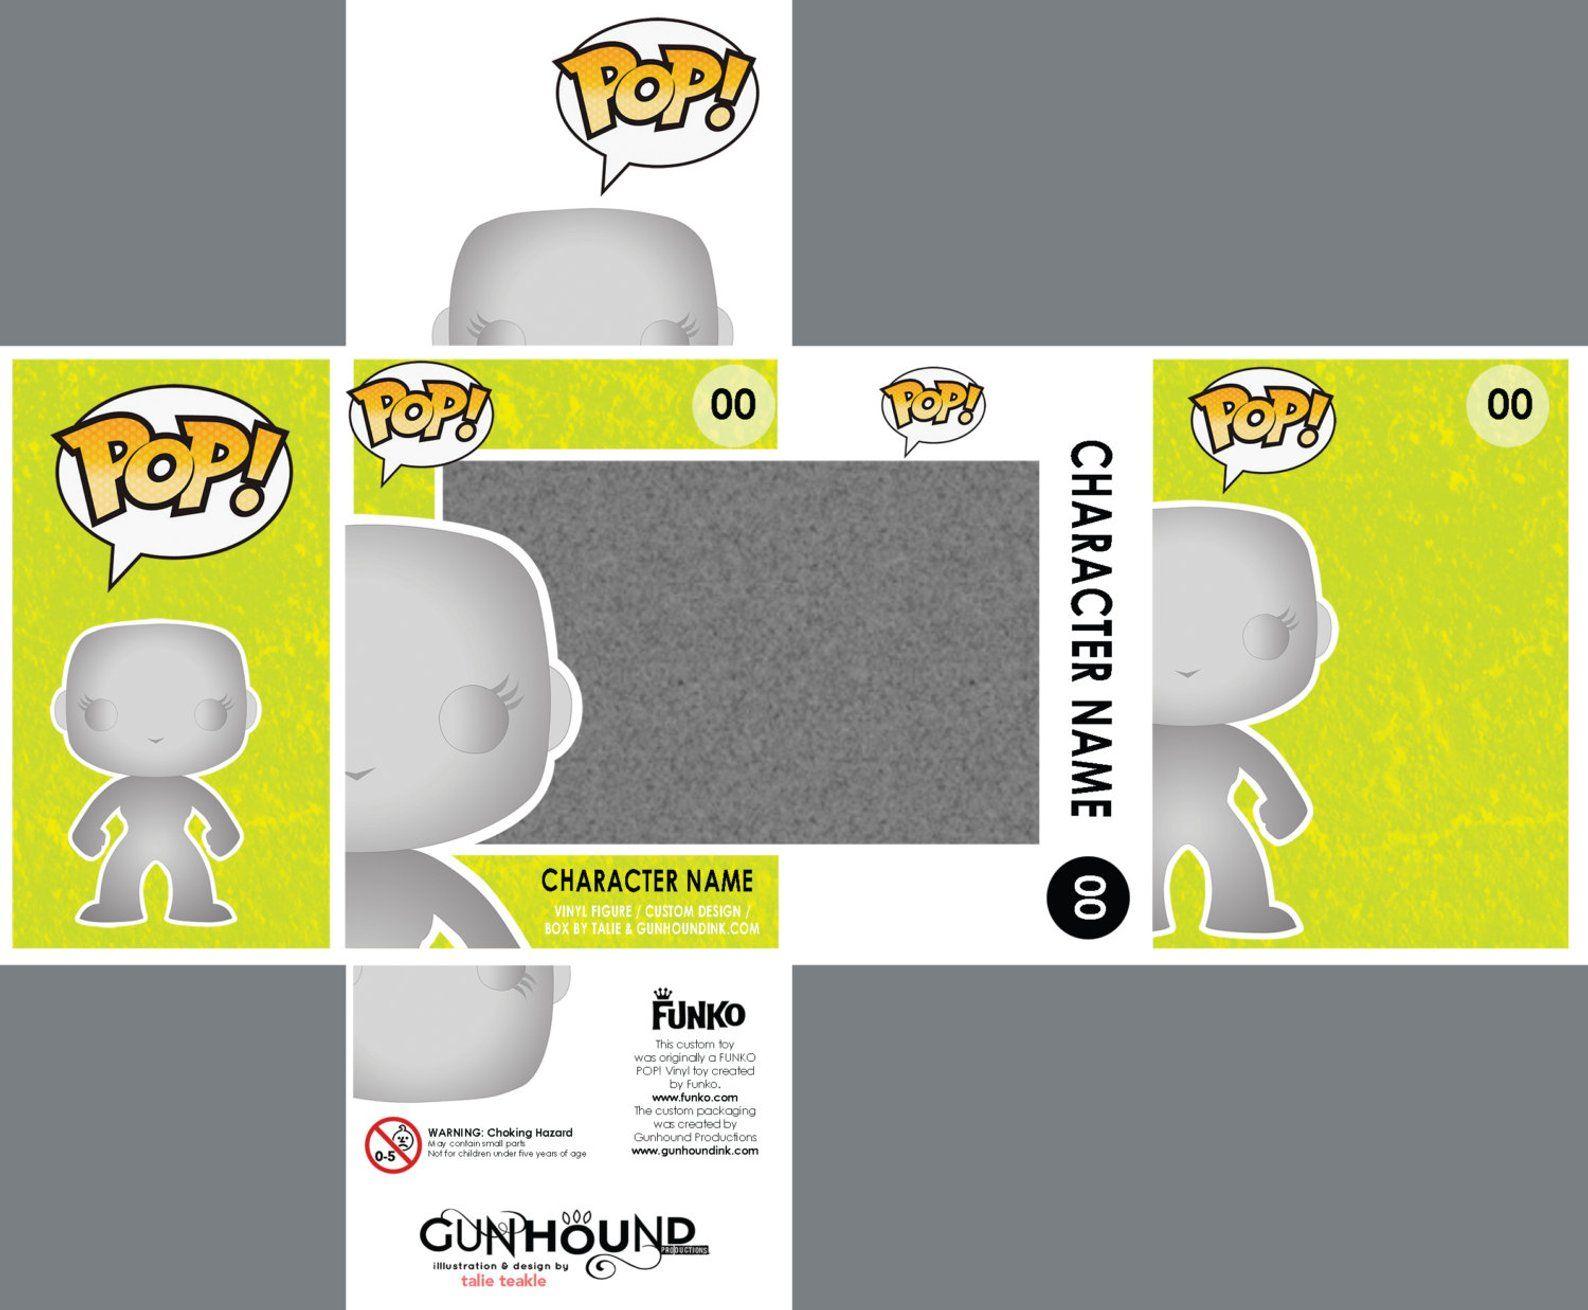 Photoshop Files For Custom Funko Pop Vinyl Toy Packaging Etsy Envases De Juguetes Juguetes De Vinilo Plantilla De Caja Imprimible